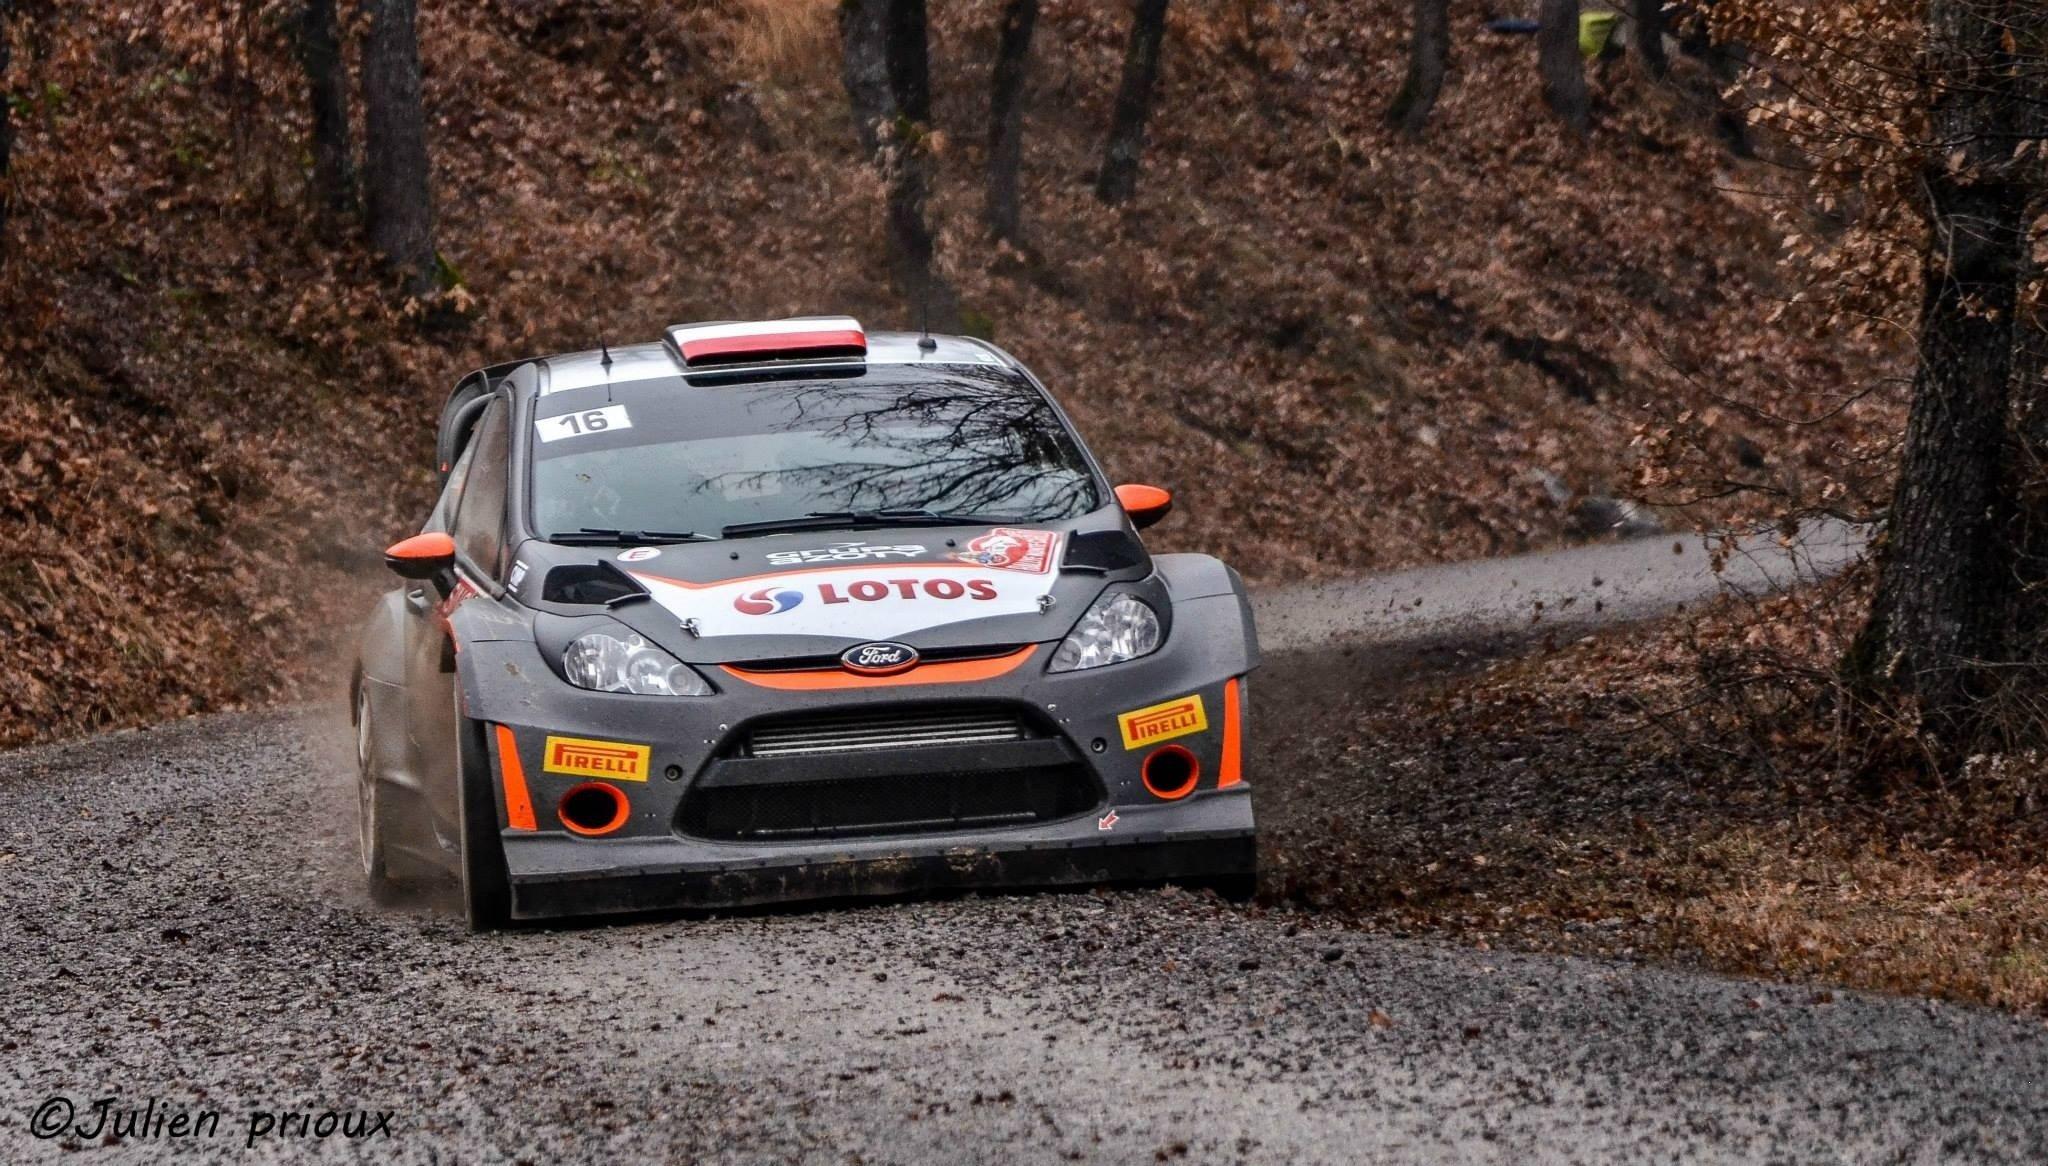 Robert Kubica, Wrc, Race Cars, Rallye, Rally Cars, Ford